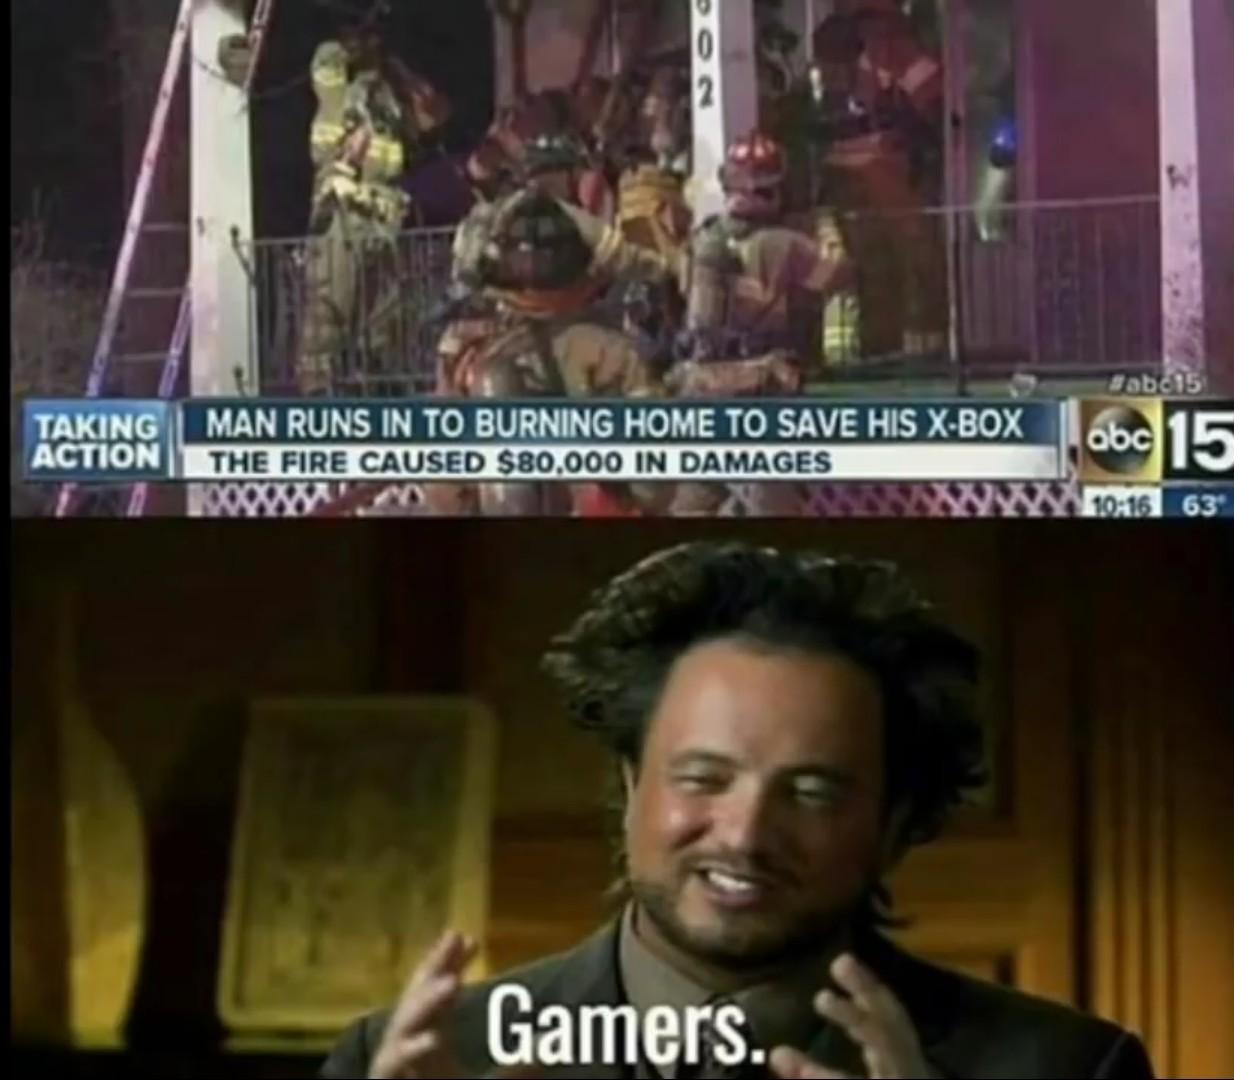 Gamers. - meme